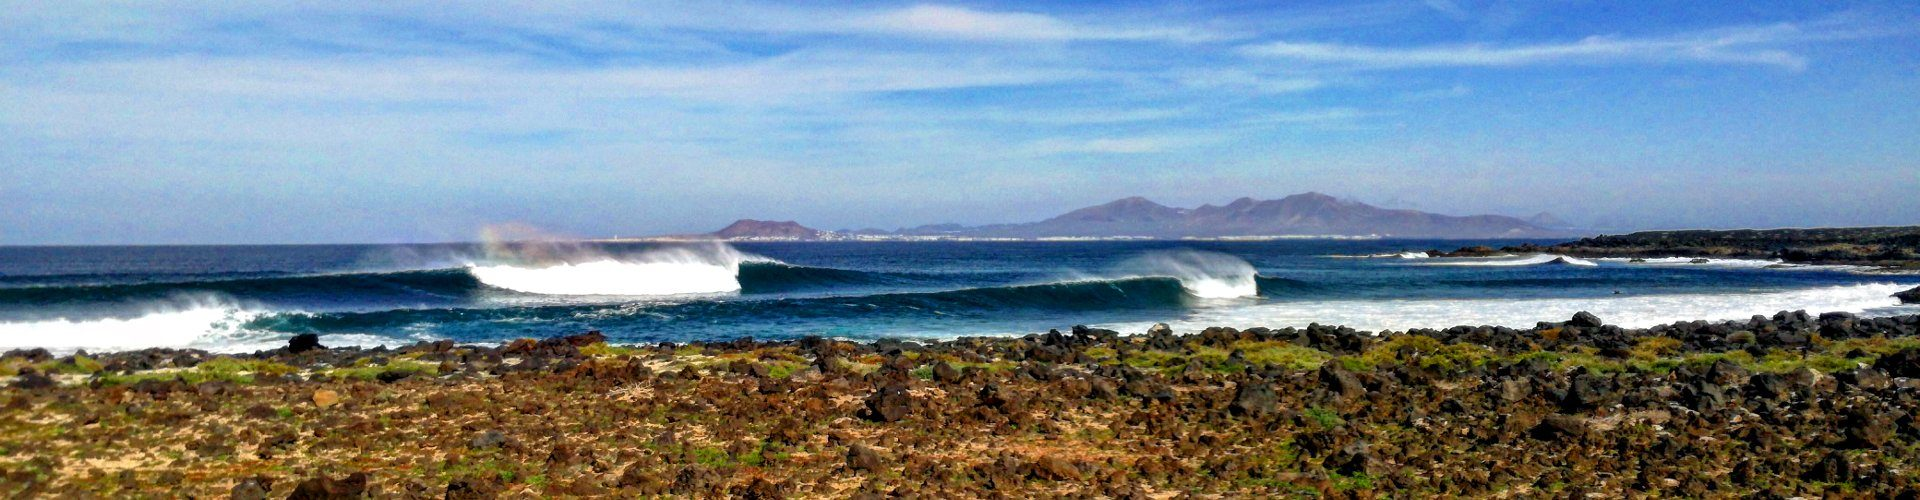 Surfspot Fuerteventura